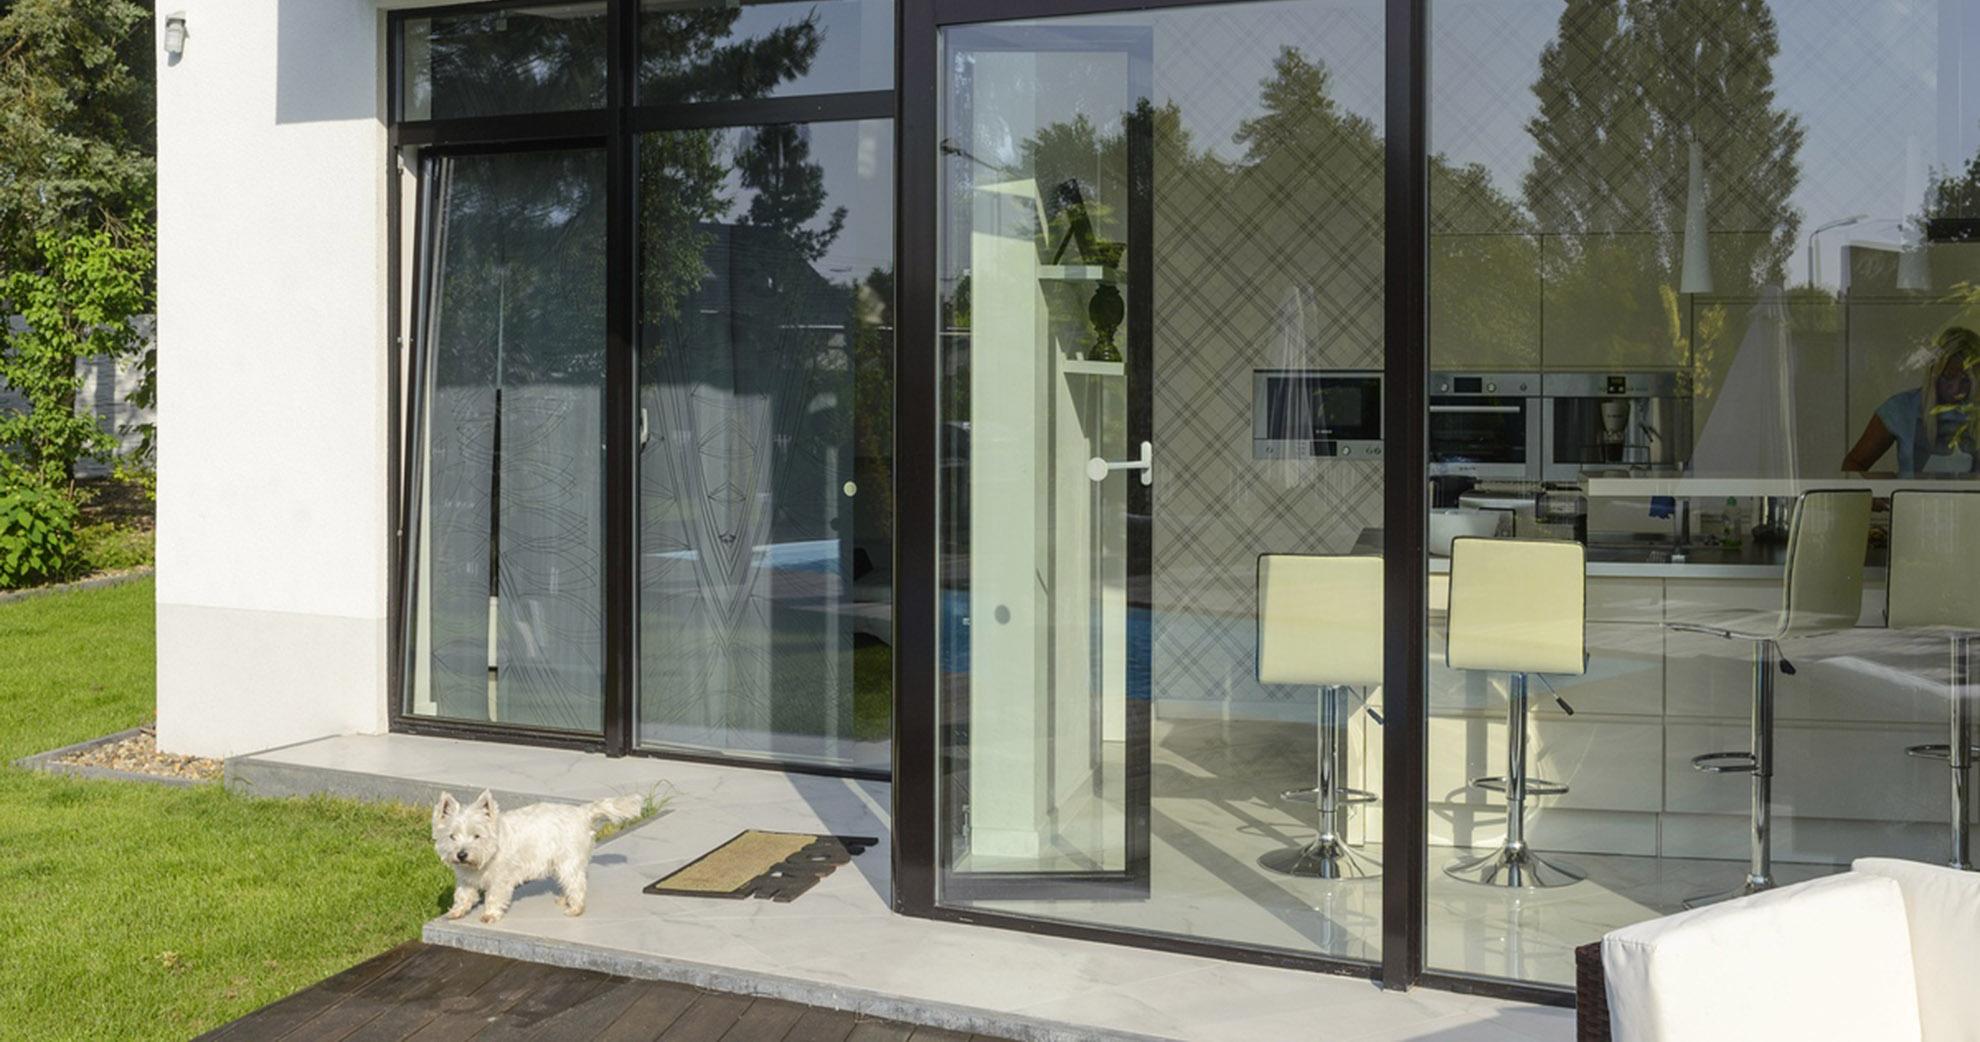 Aluminiumfenster und -türen 45mm Profil in vielen RAL-Farben